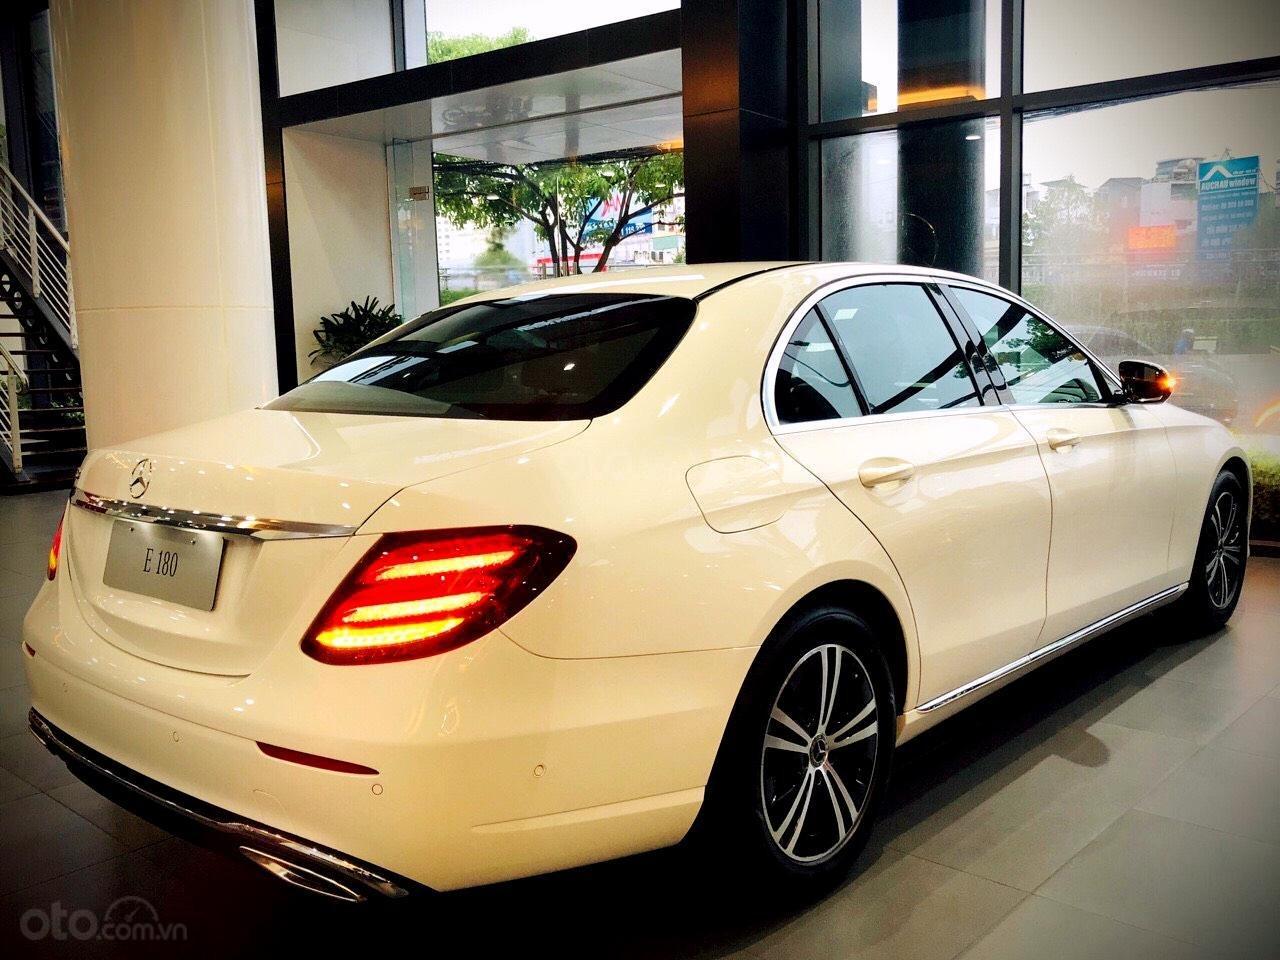 Mercedes Benz Haxaco Điện Biên Phủ, Mercedes E180 - giảm 100 triệu đến tháng 2, trả góp 80% - xe đủ màu giao ngay (4)